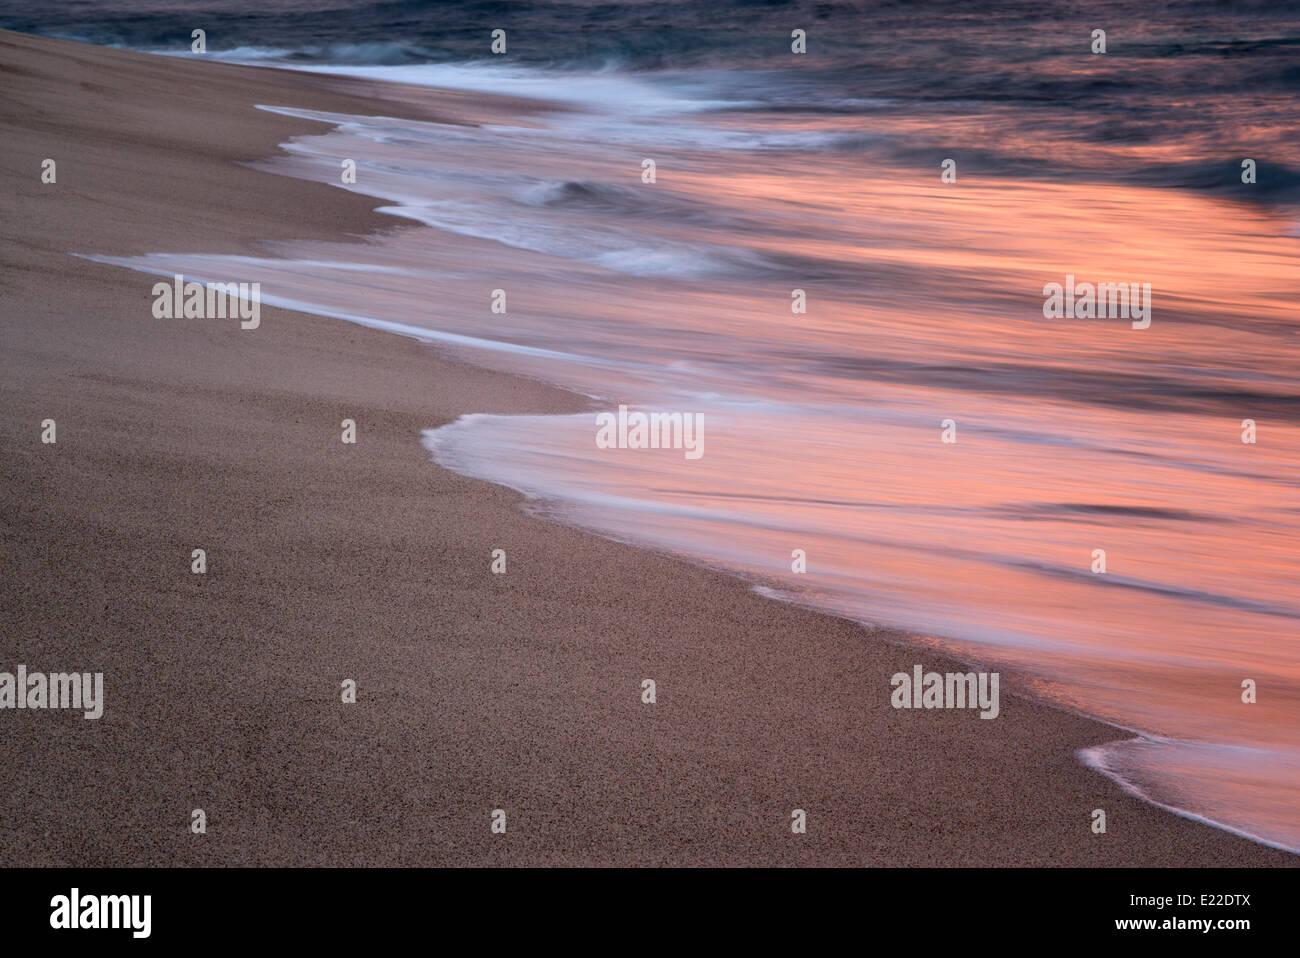 Las olas del océano reflejando la puesta de sol. Punta Mita, México Imagen De Stock